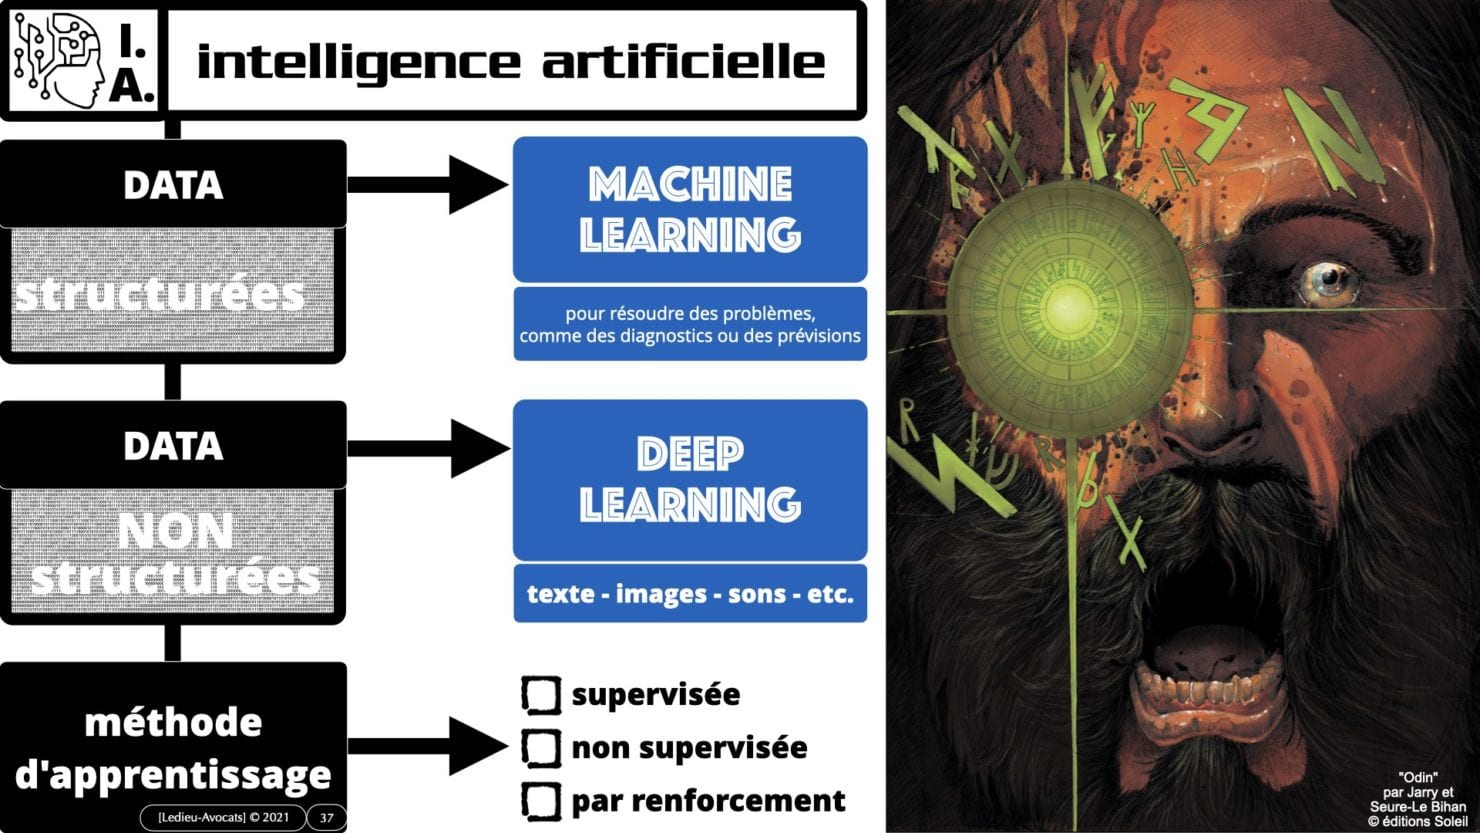 335 Intelligence Artificielle 2021 et AI Act [projet de Règlement UE] deep learning machine learning © Ledieu-Avocats 04-06-2021 *16:9*.037